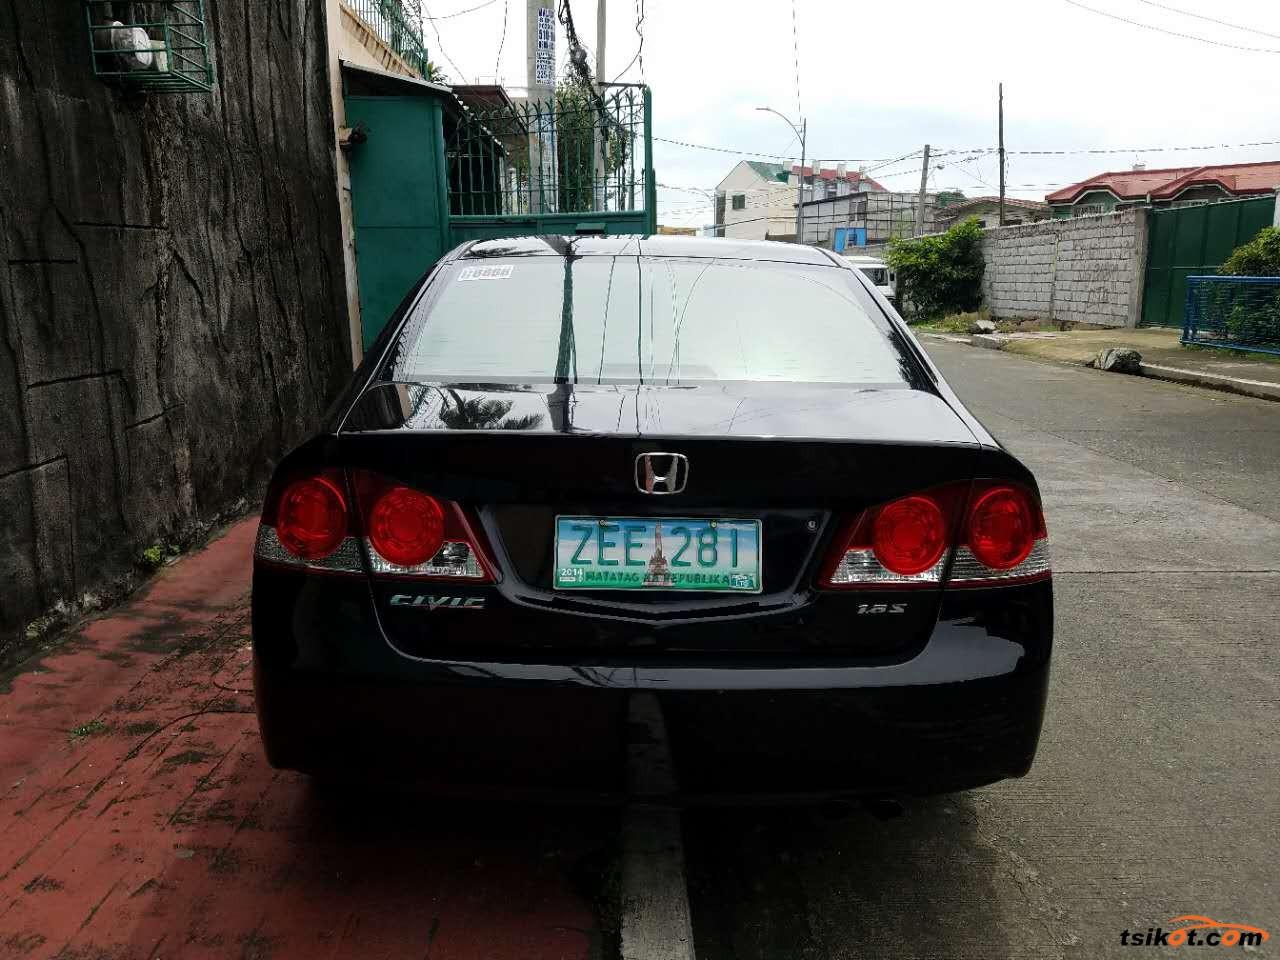 Honda Civic 2006 - 5